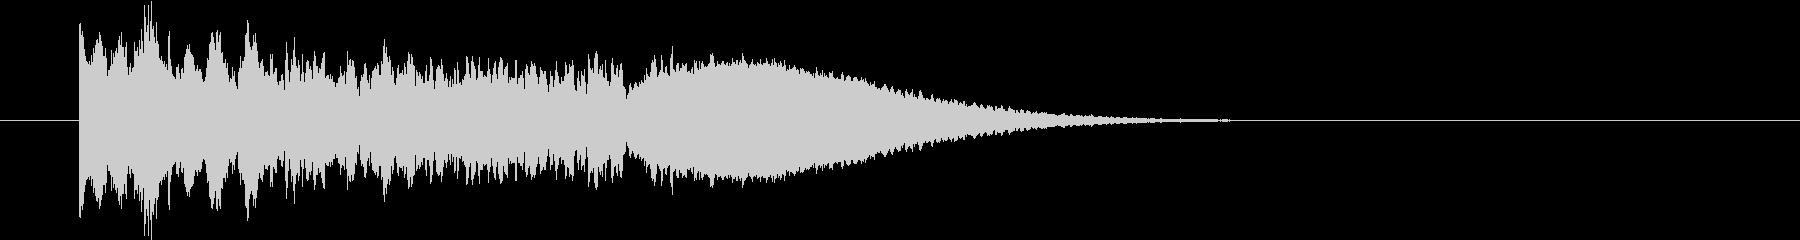 効果音|キーン+残響の未再生の波形